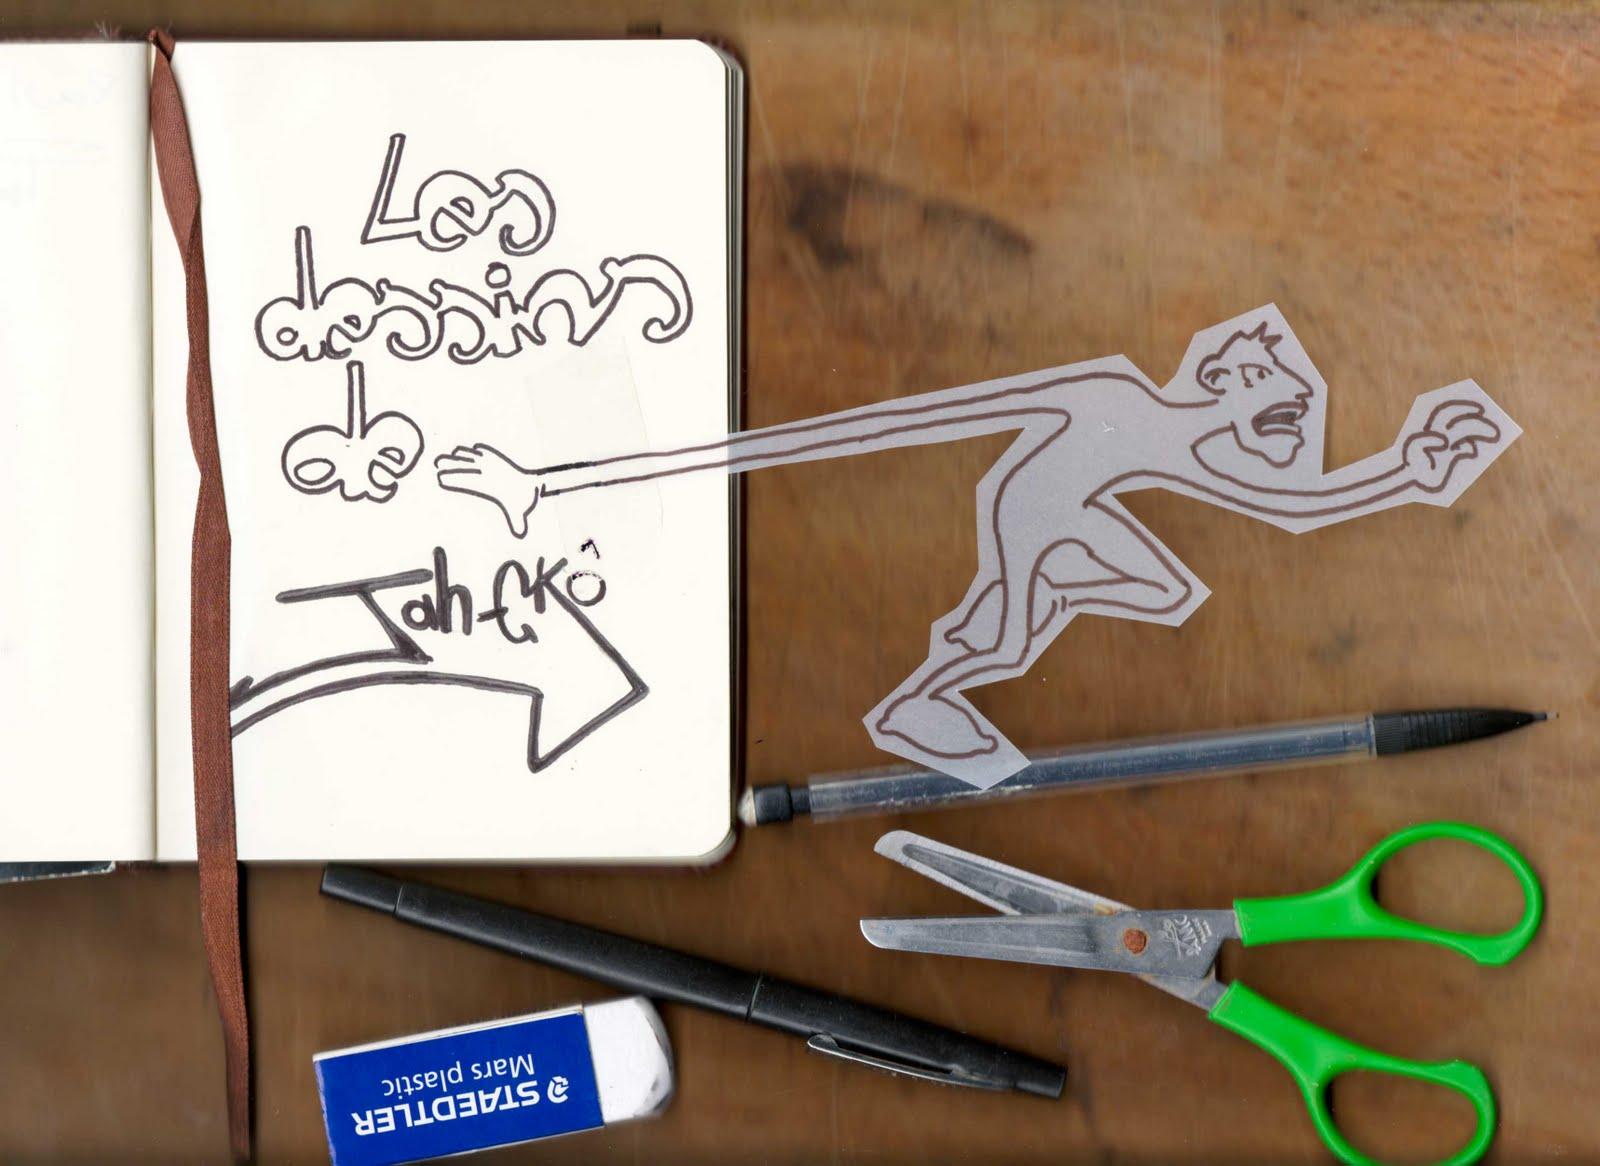 Les dessins de Jah-ckÔ